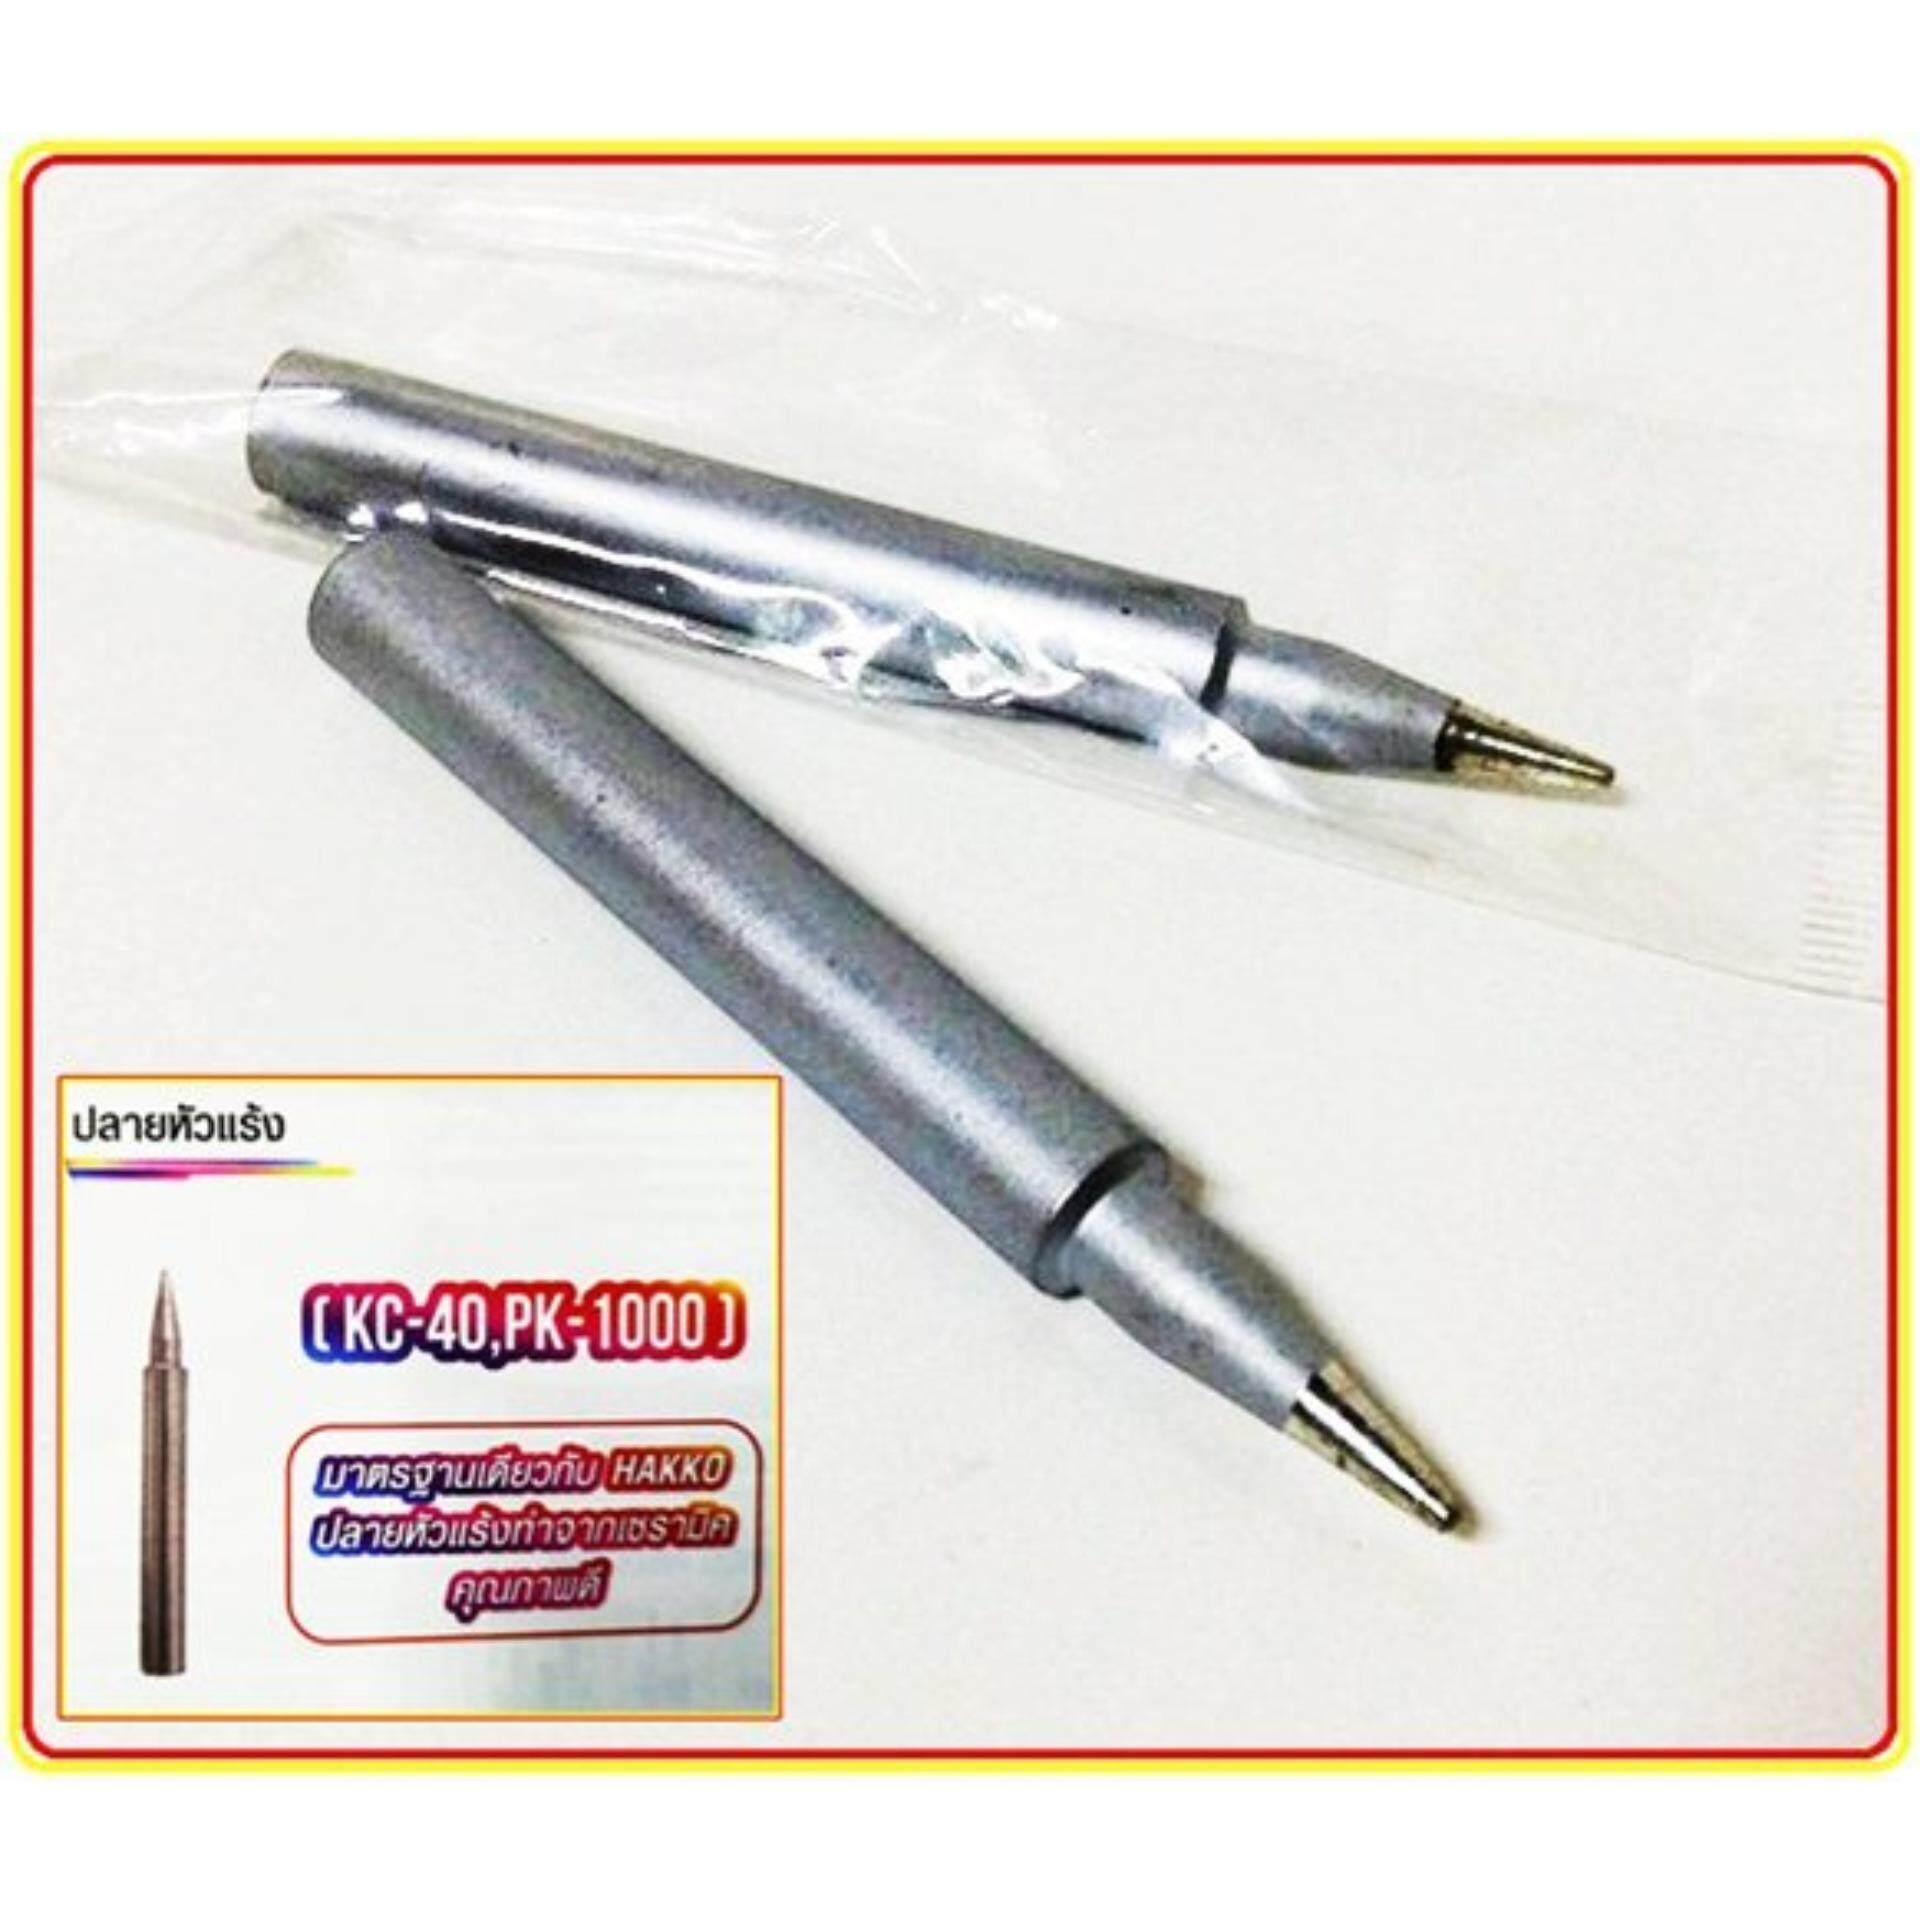 ราคา Pk เครื่องมือช่าง ปลายหัวแร้ง แบบตรง ปลายแหลม Zd 100 Kc 40 เป็นต้นฉบับ Pk